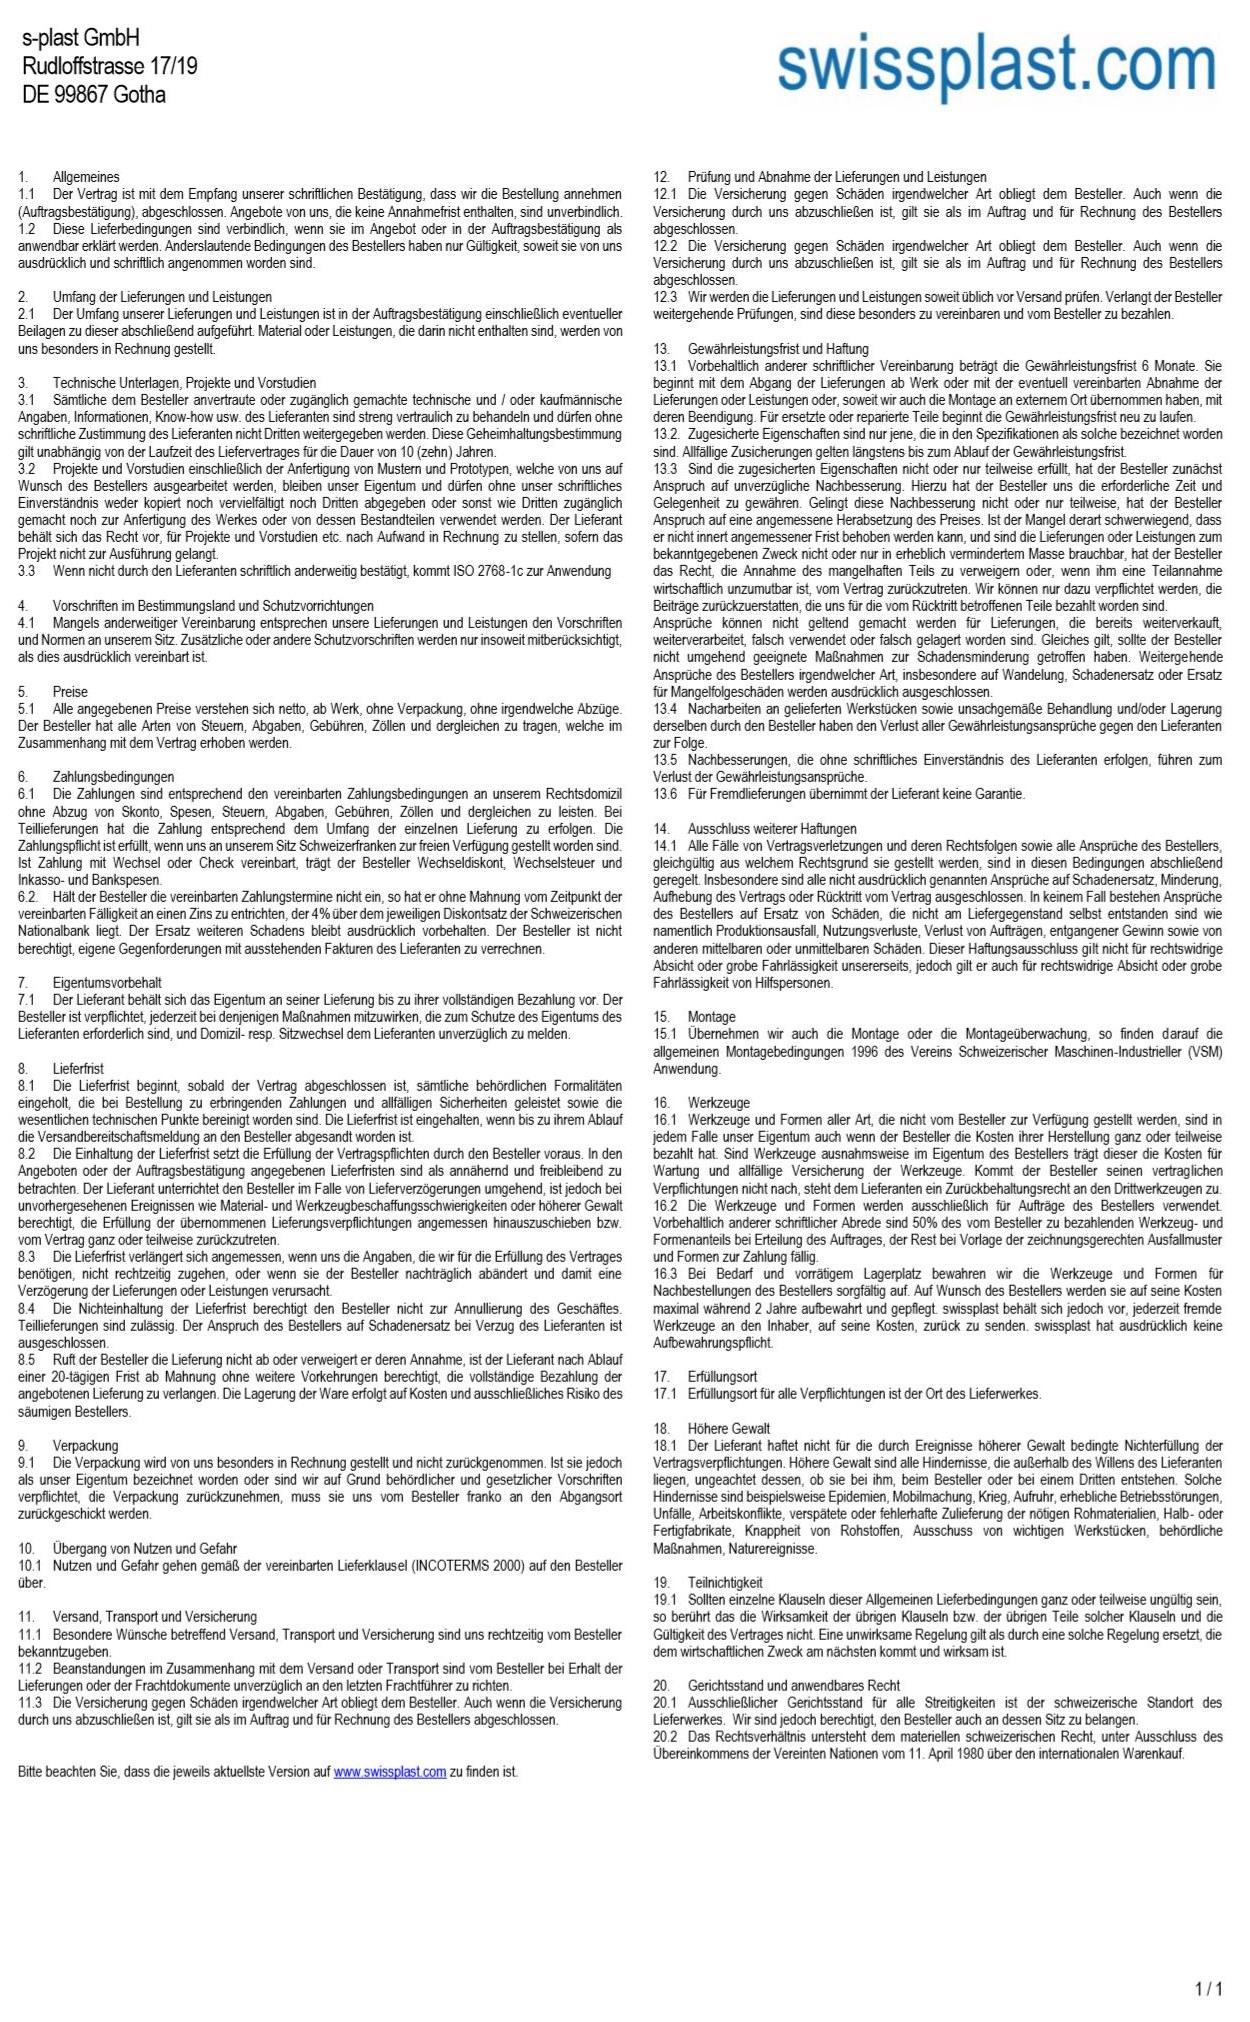 Die allgemeinen Geschäftsbedingungen der s-plast GmbH